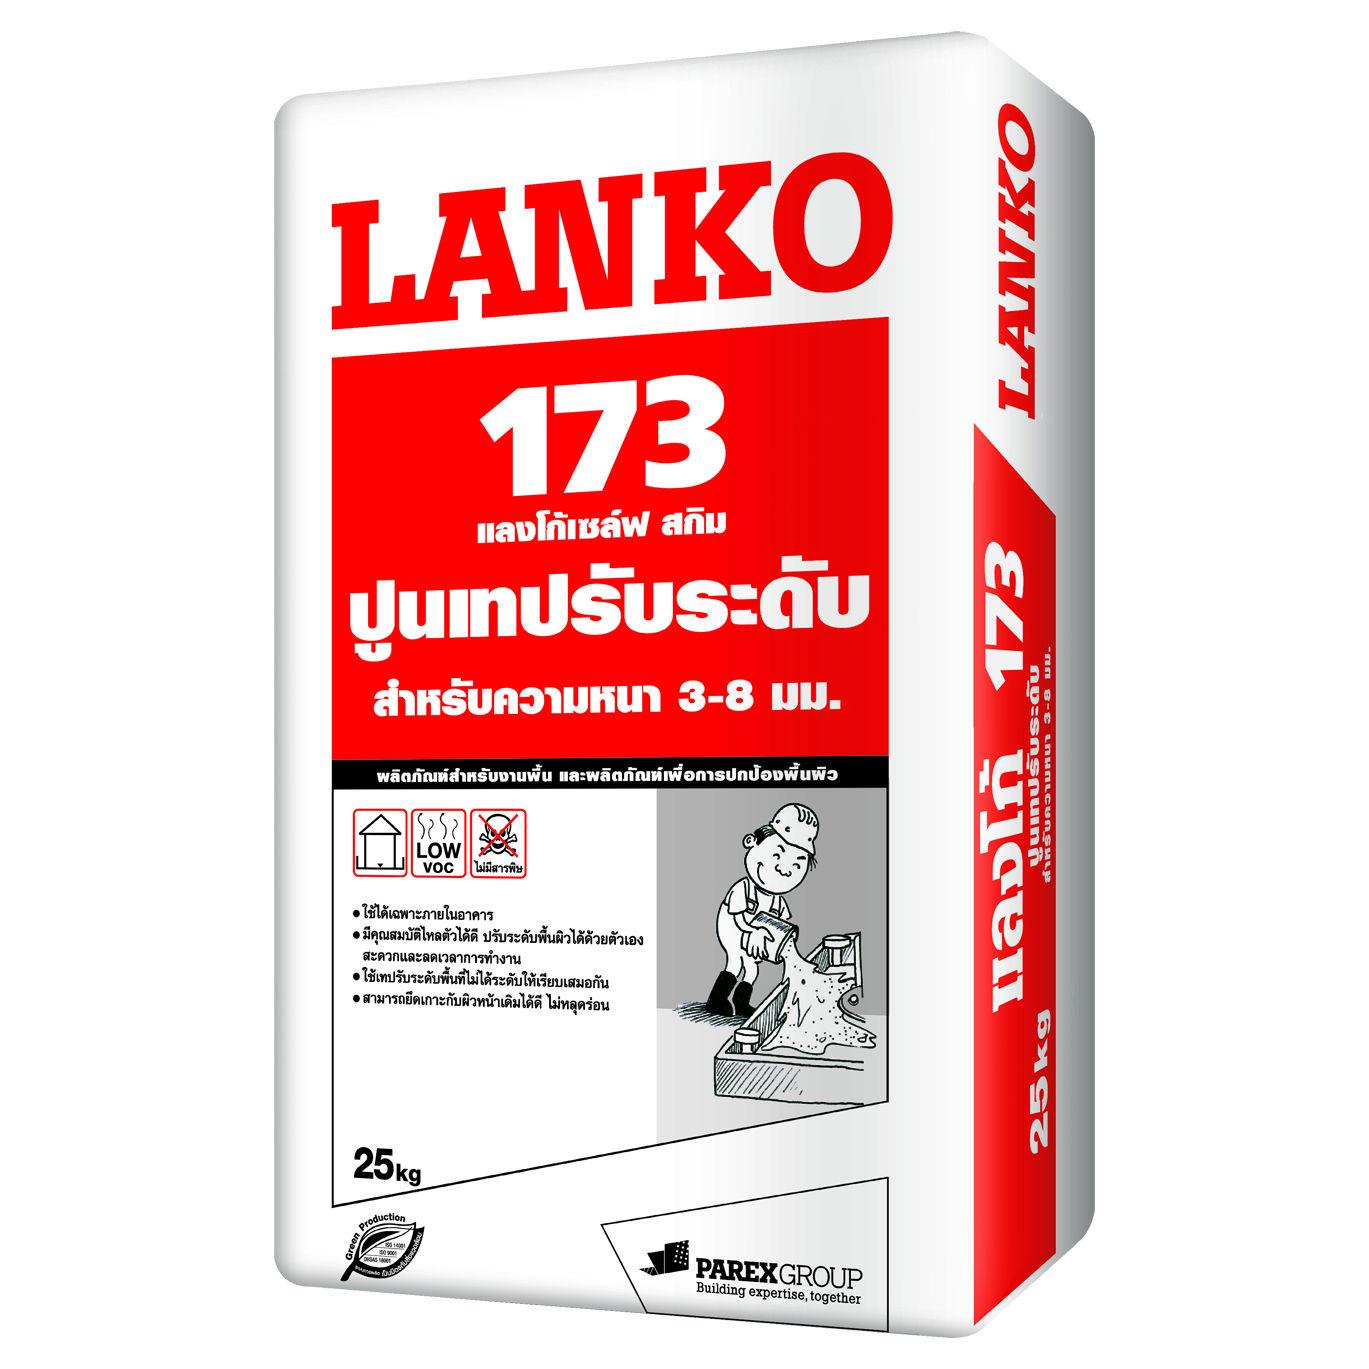 LANKO 173